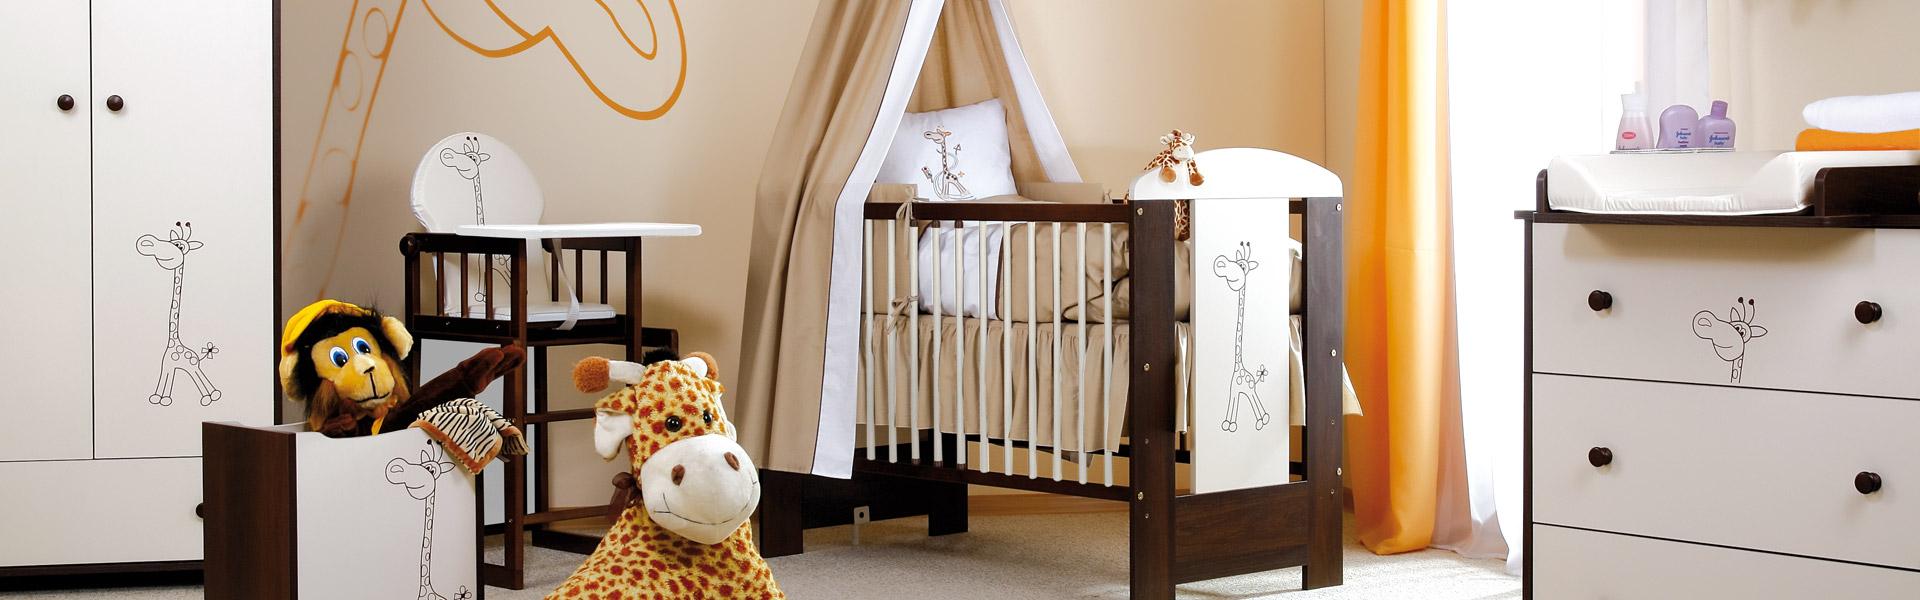 meble dla dziecka - Safari Żyrafka białe szczeble